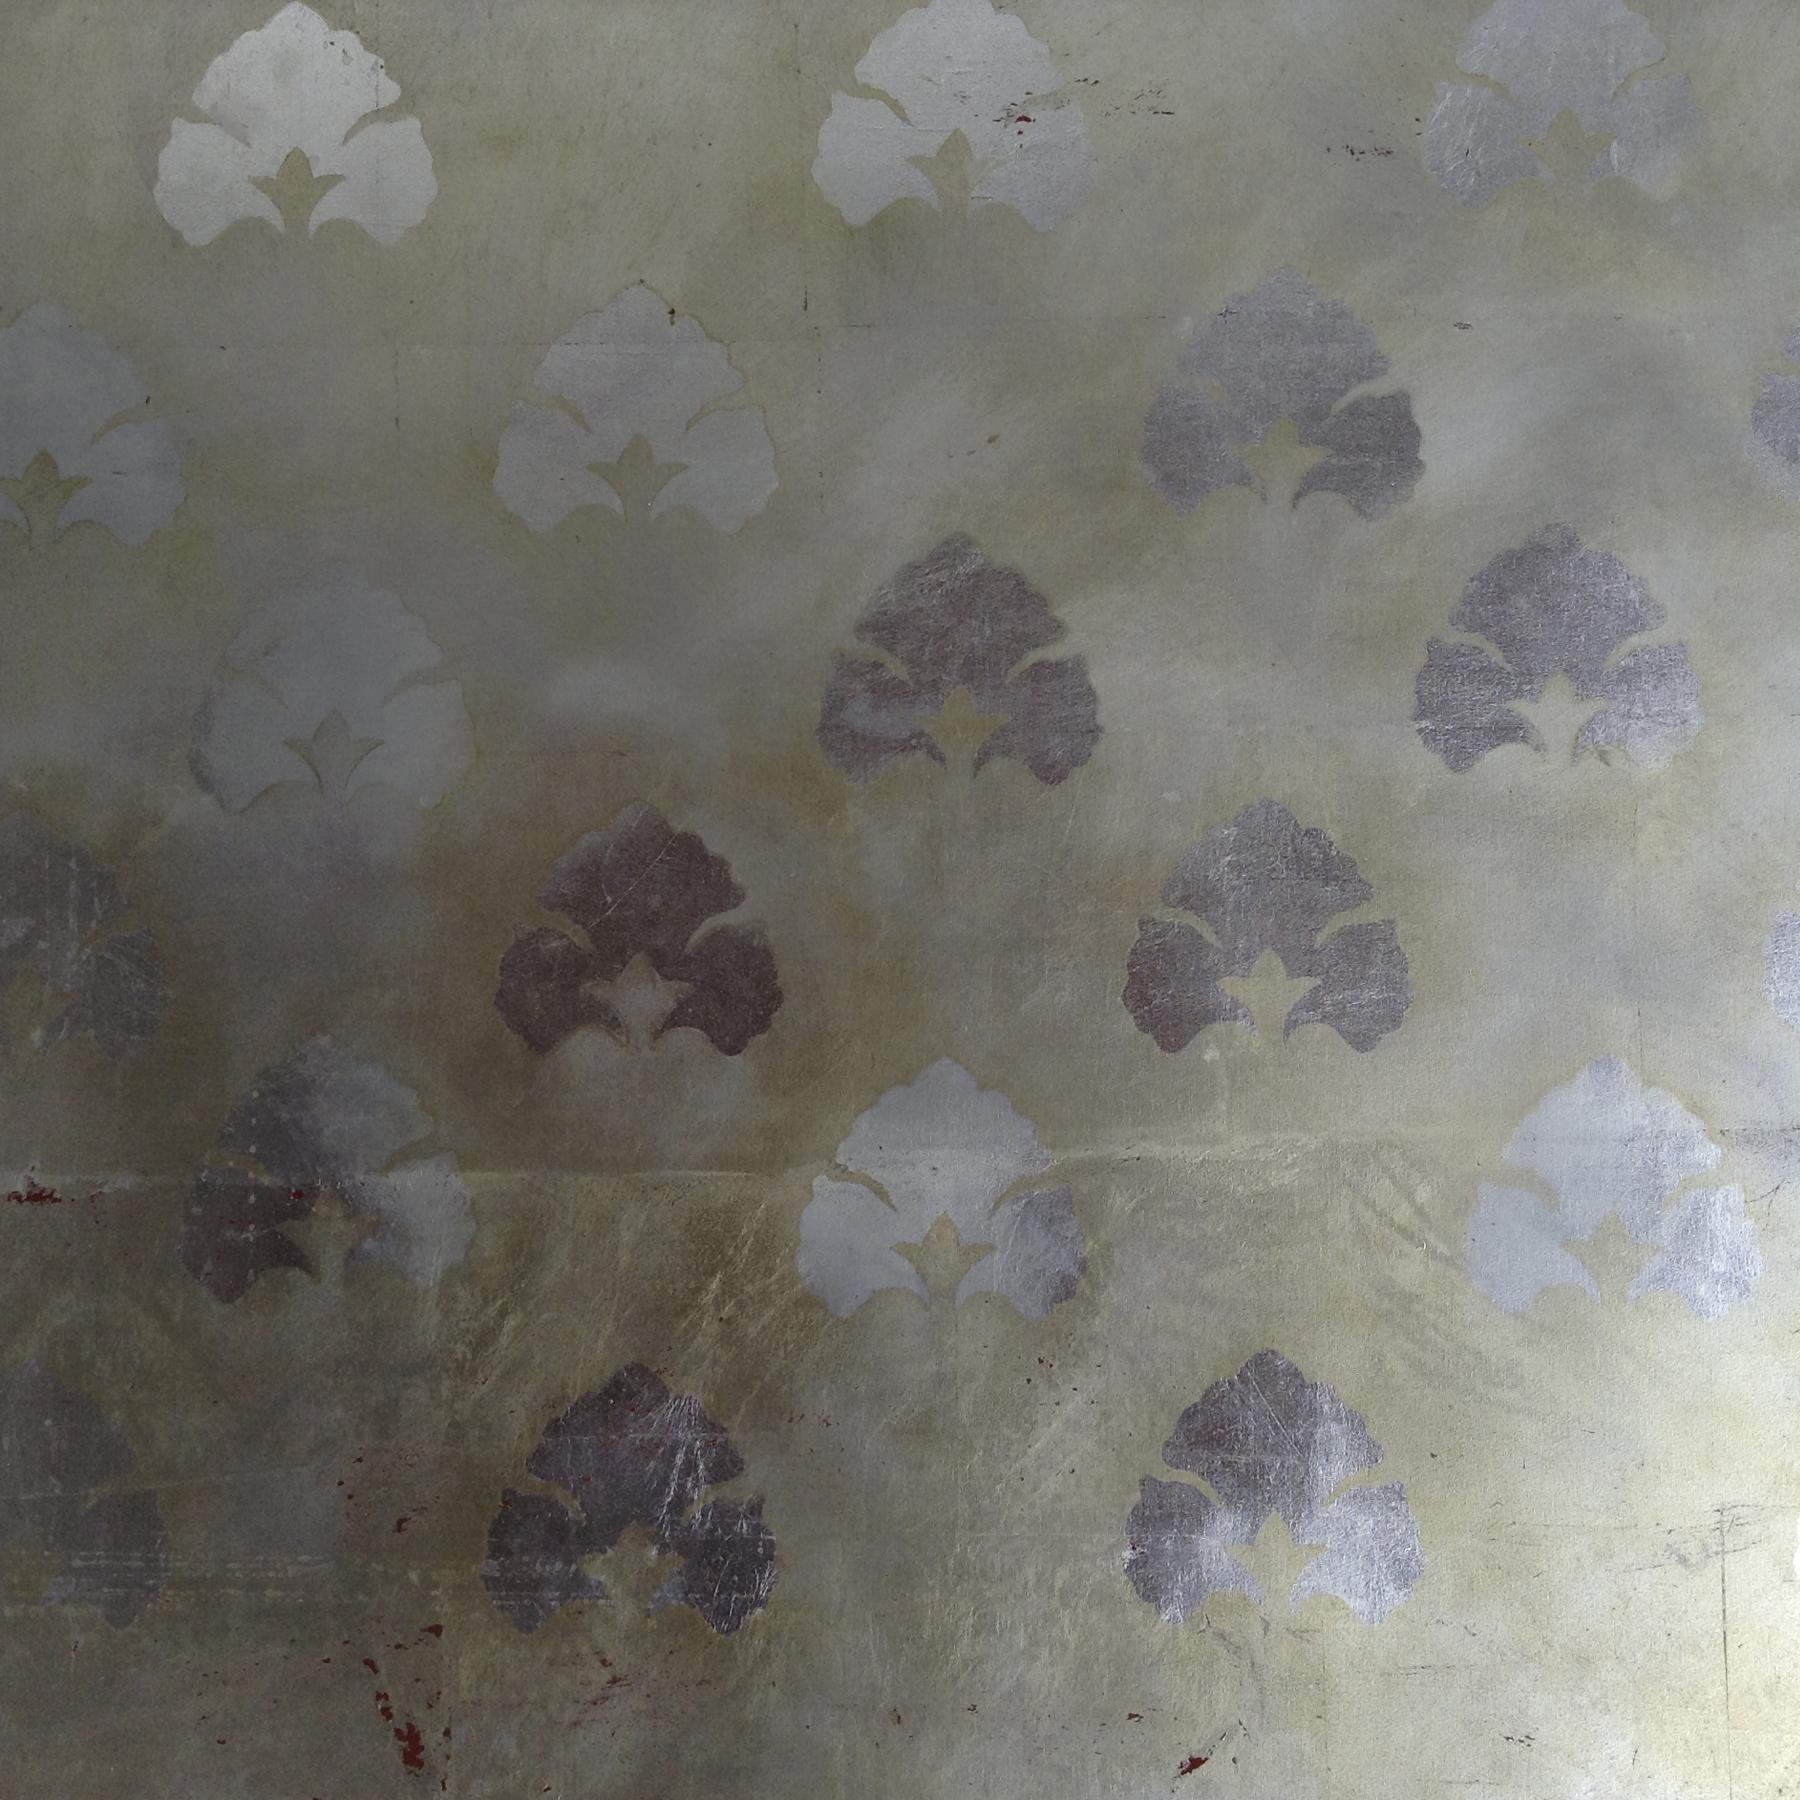 Pintura decorativa motivos vegetales patron estampado plateado plata